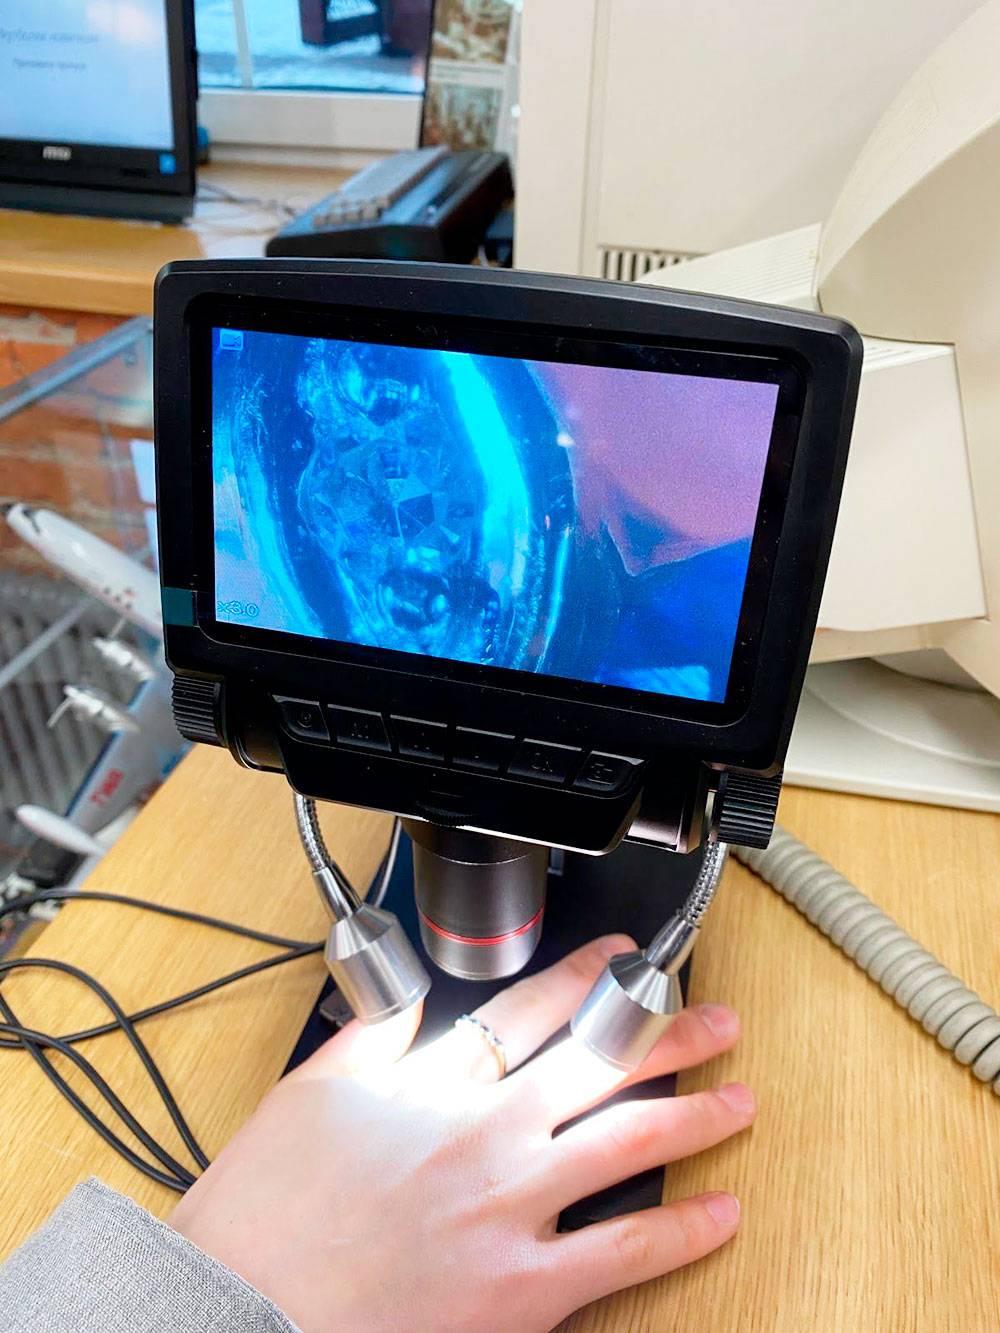 Обнаружили микроскоп. Рассмотрели все: волосы, кожу, кольцо, одежду. Очень увлекательно!